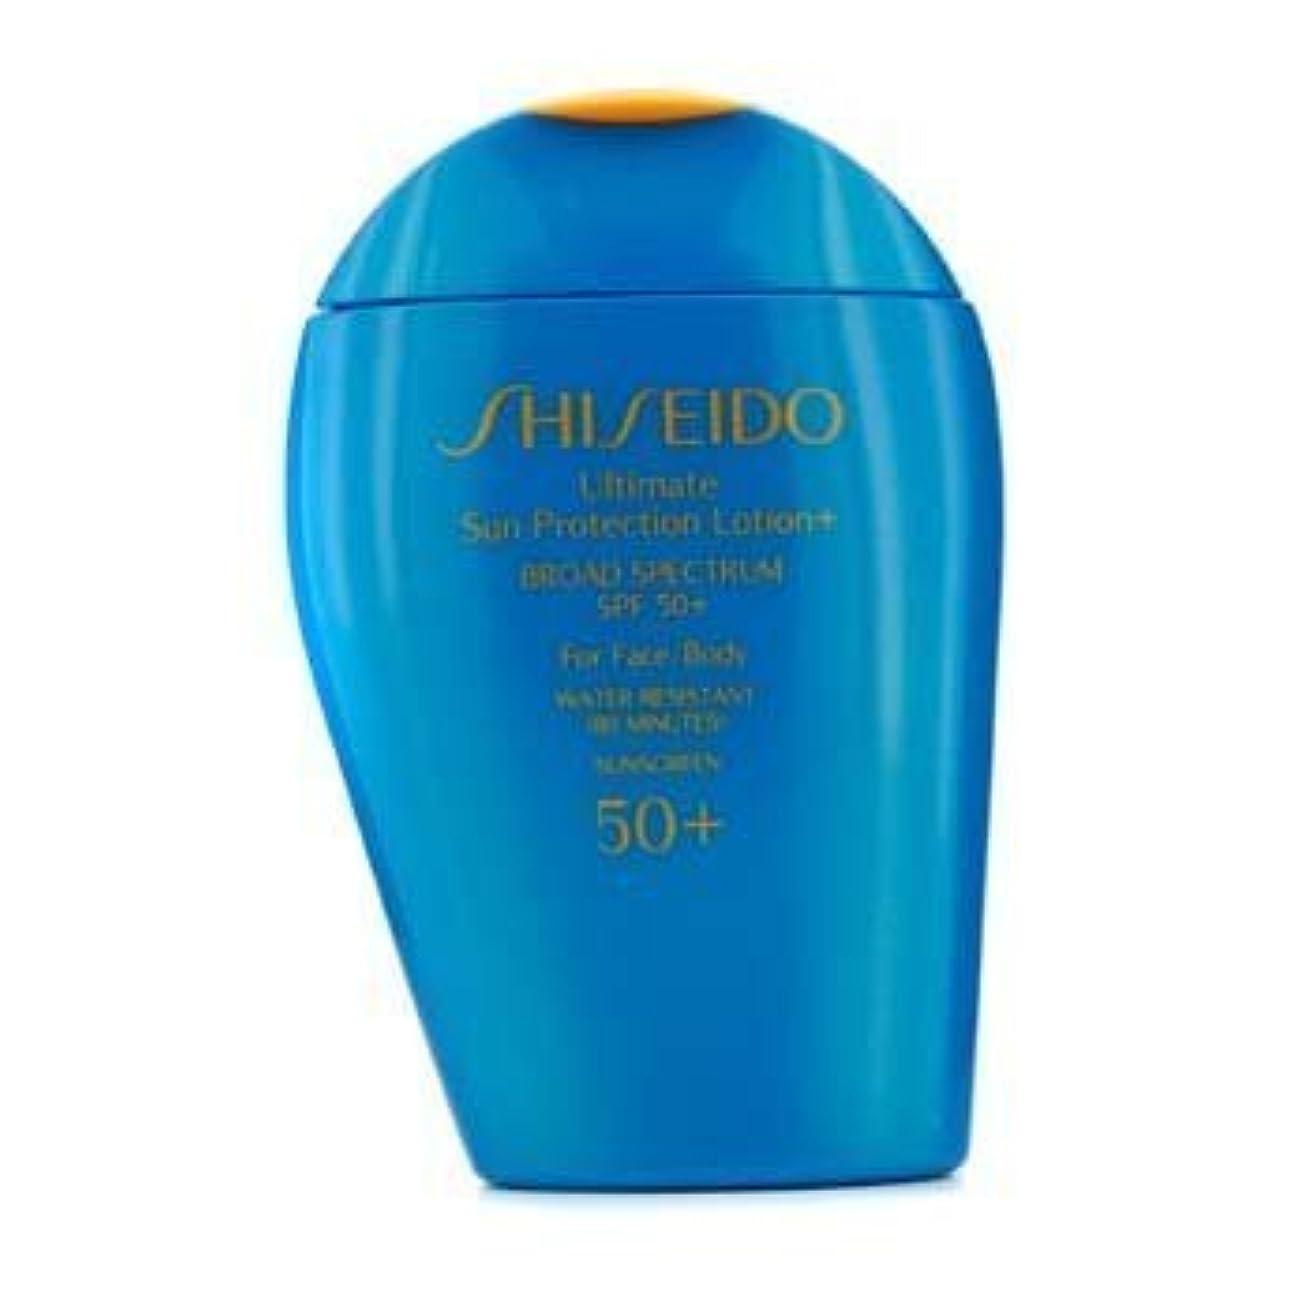 ラショナル許される雄弁Shiseido Ultimate Sun Protection Face & Body Lotion SPF 50+ - 100ml/3.3oz by Shiseido [並行輸入品]